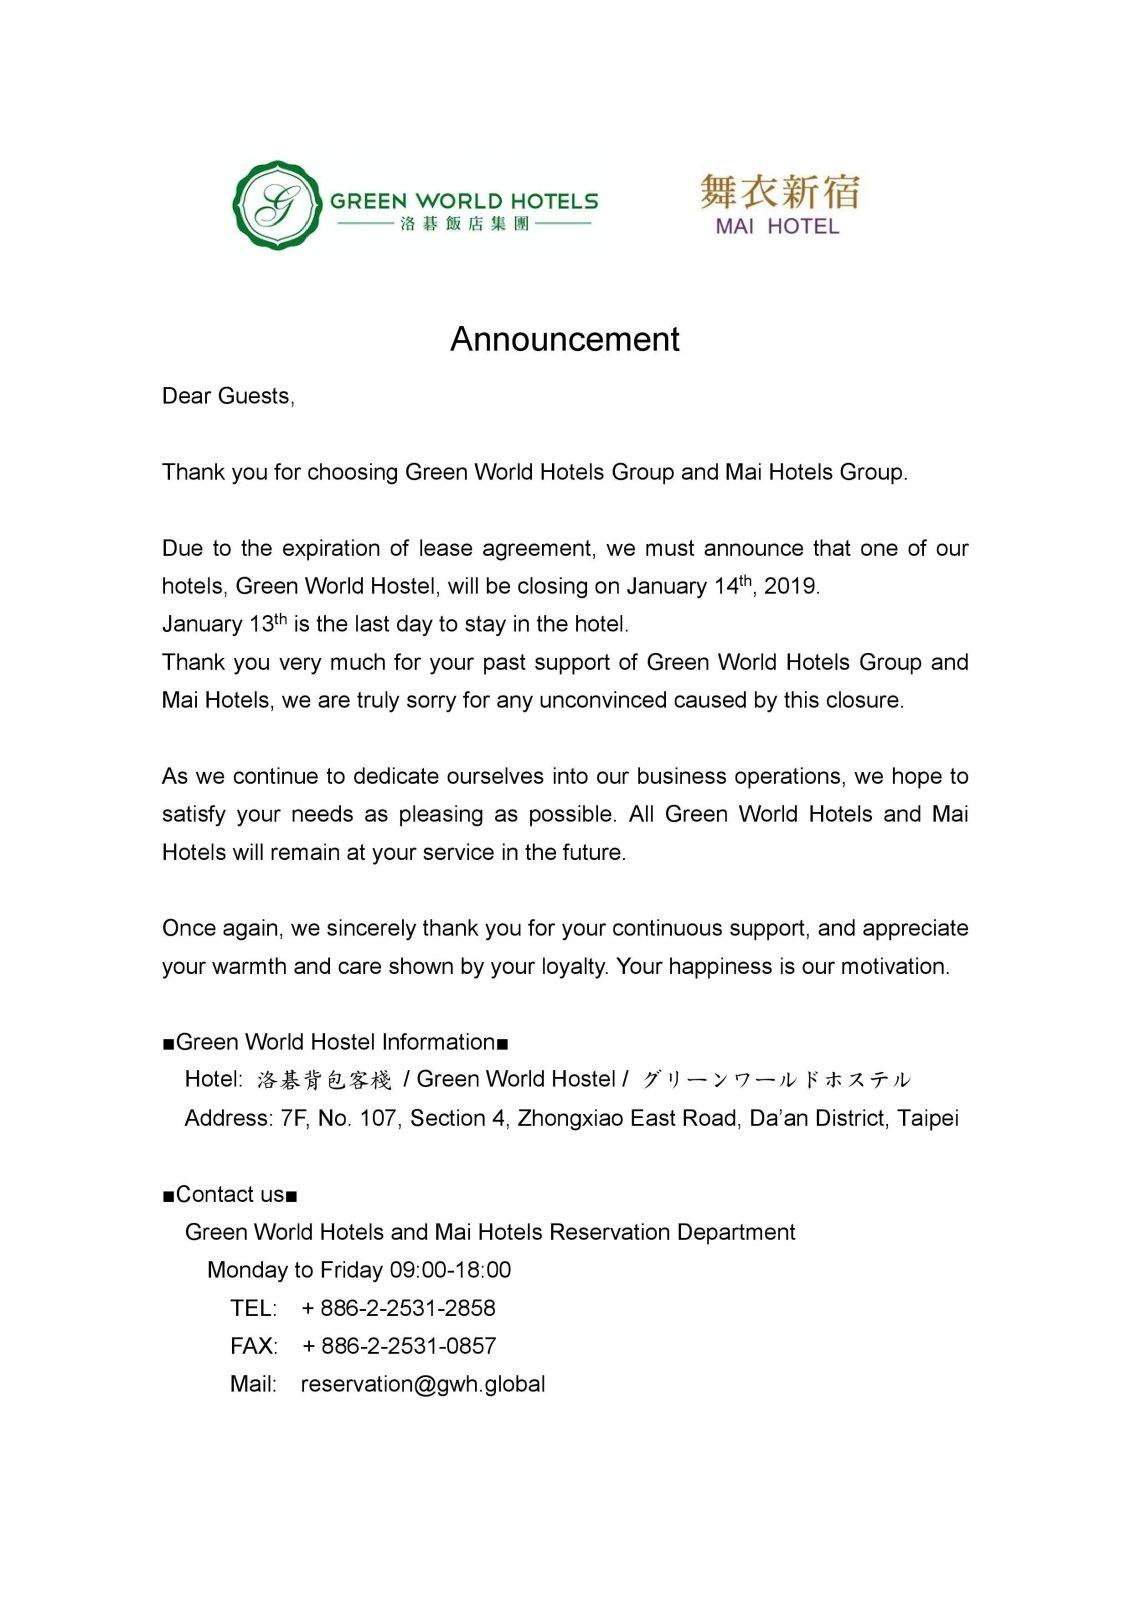 green world hostel closing announcement letter